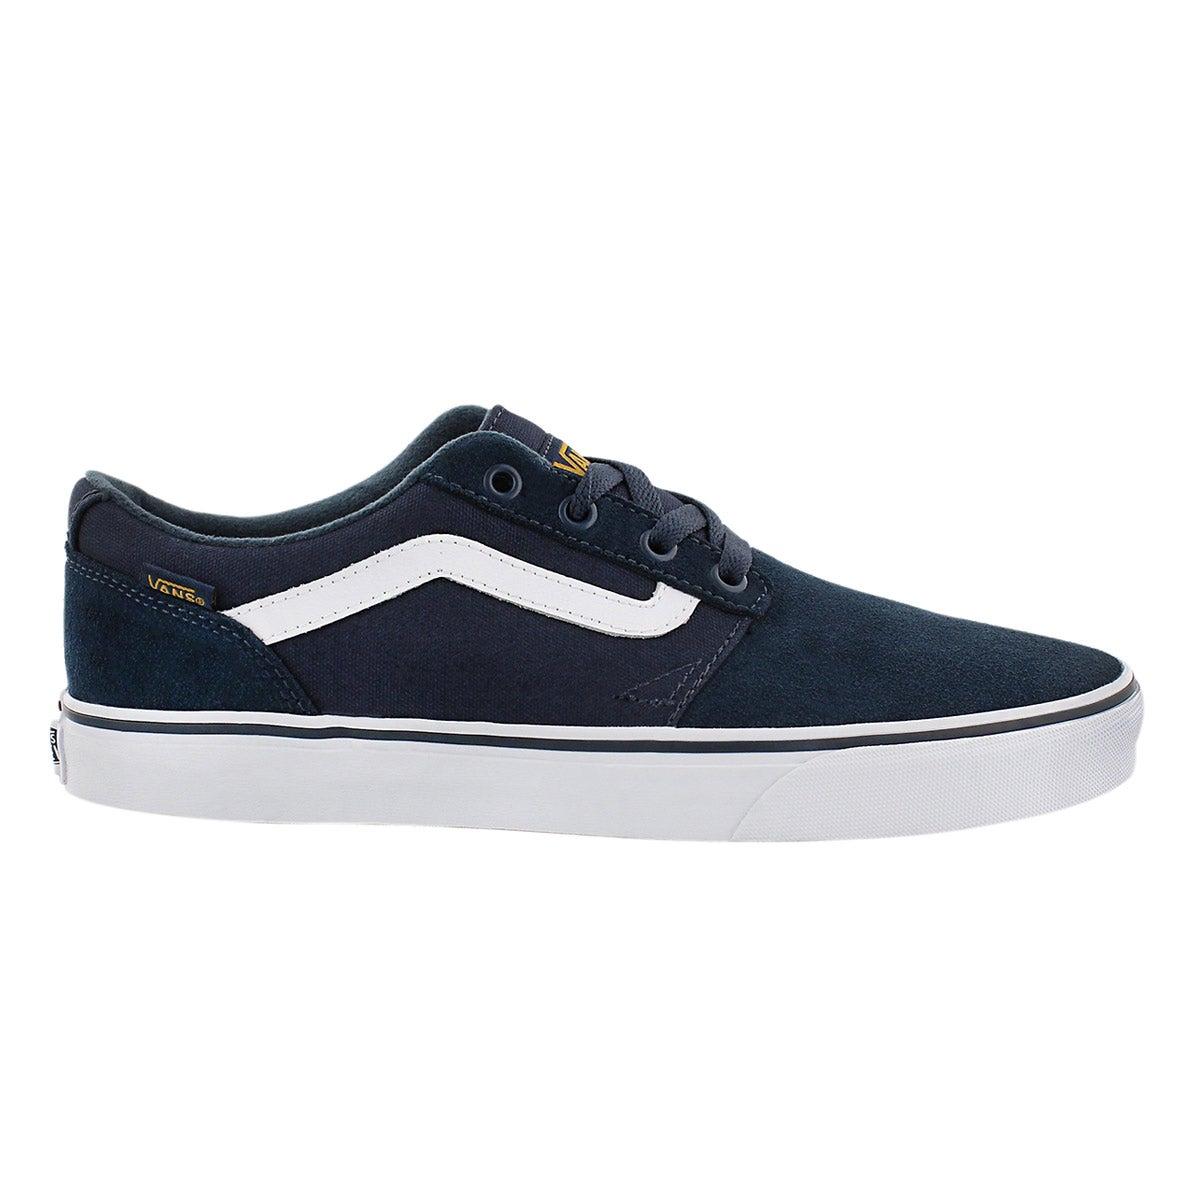 Mns Chapman Stripe navy/gold sneaker